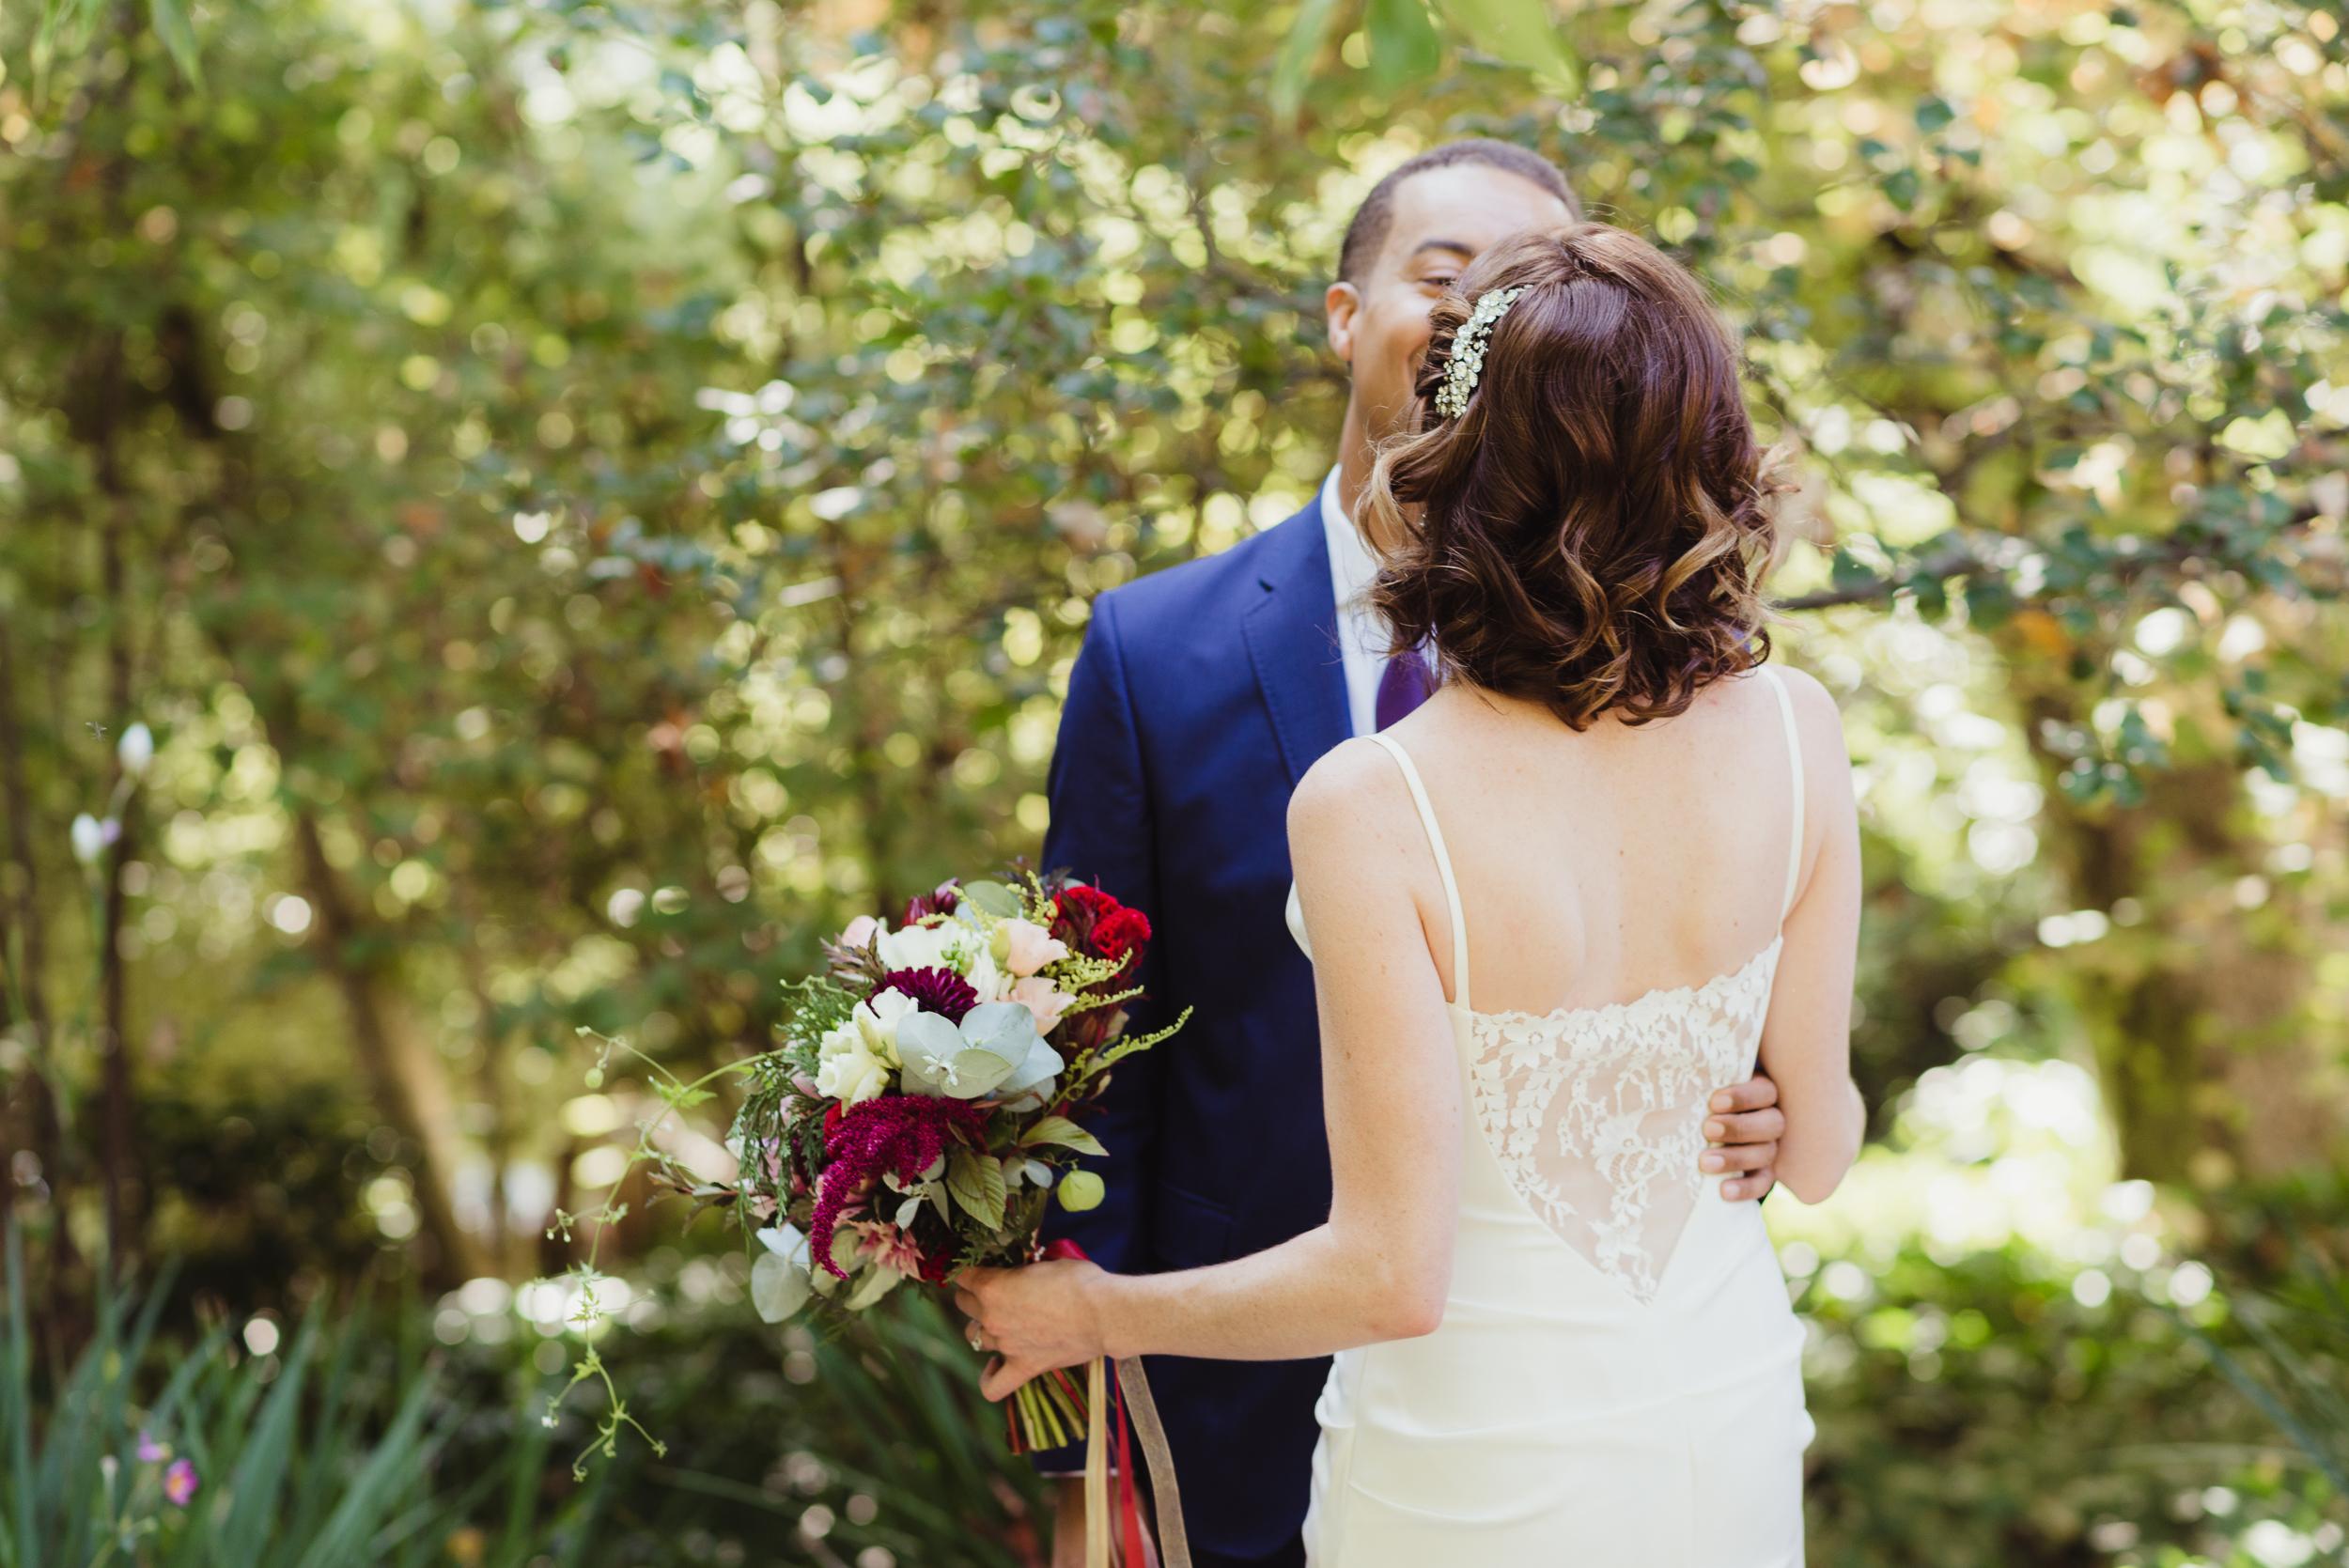 21-outdoor-art-club-wedding-vivianchen-126.jpg